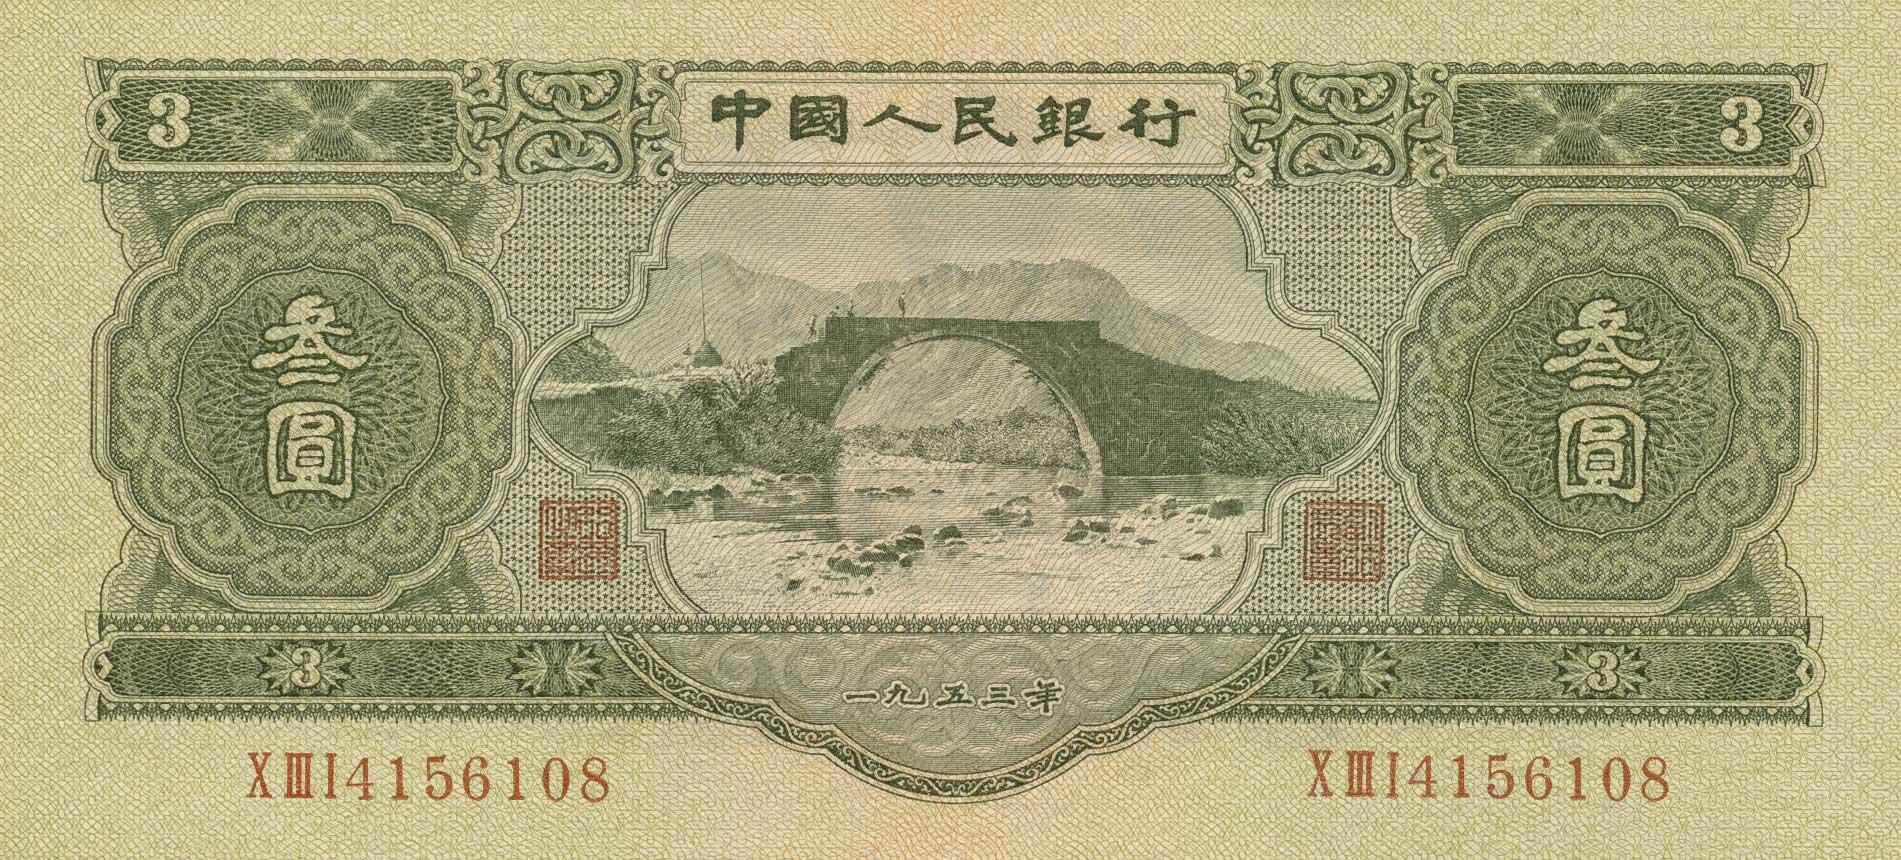 CHN-0868-a